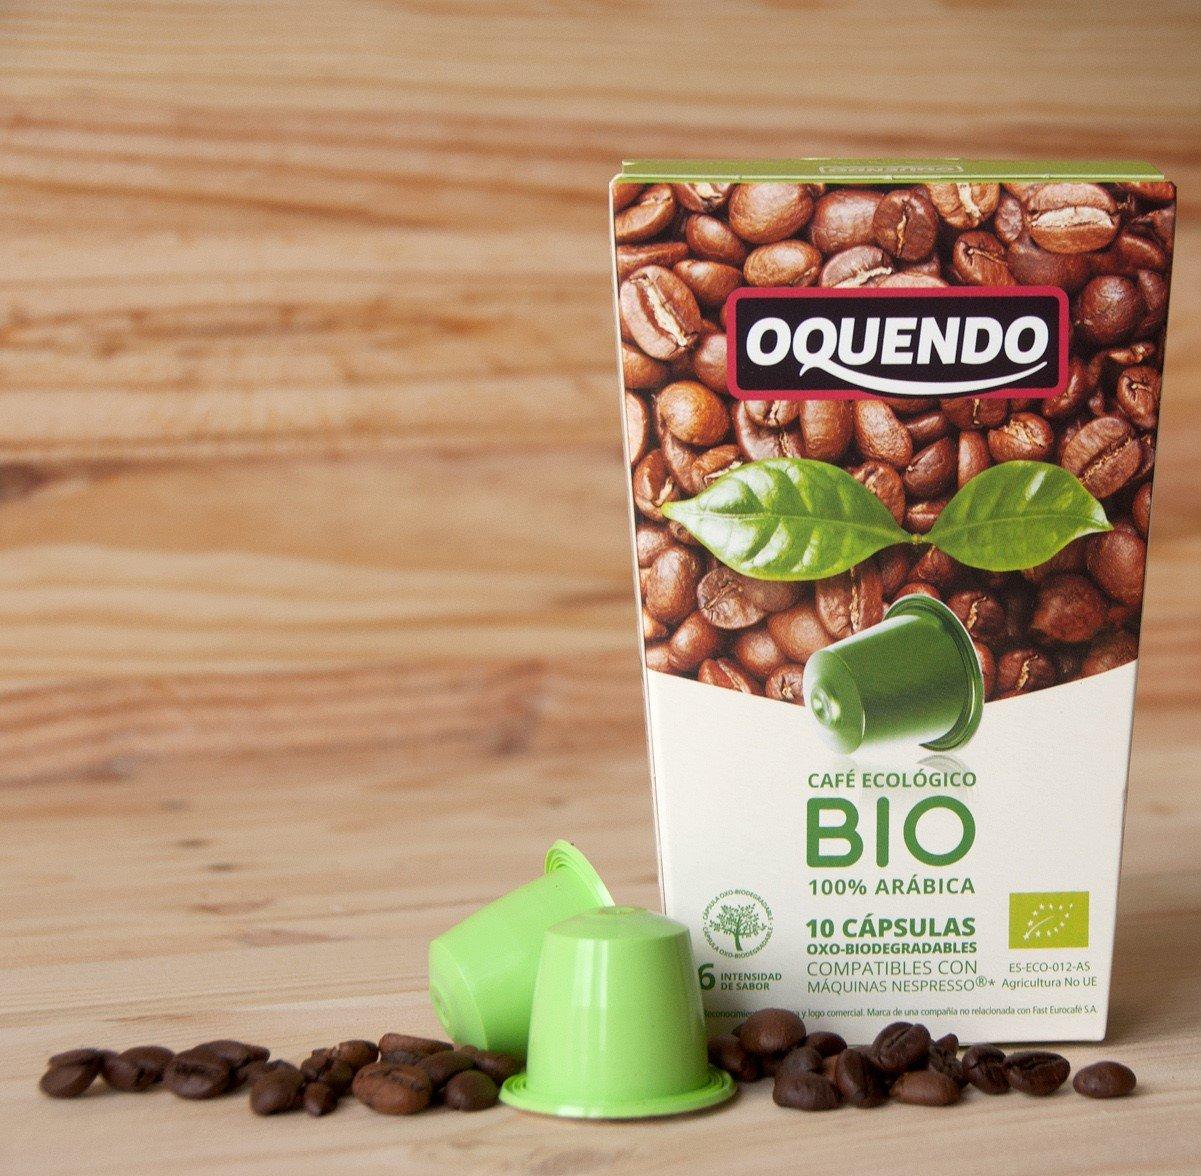 80 Cafés Oquendo Nespresso Compatible Coffee Capsules – Organic Bio, Oxo-Biodegradable Capsules - Premium Quality 100% Pure Arabica Nespresso - 8 Boxes 10 ...